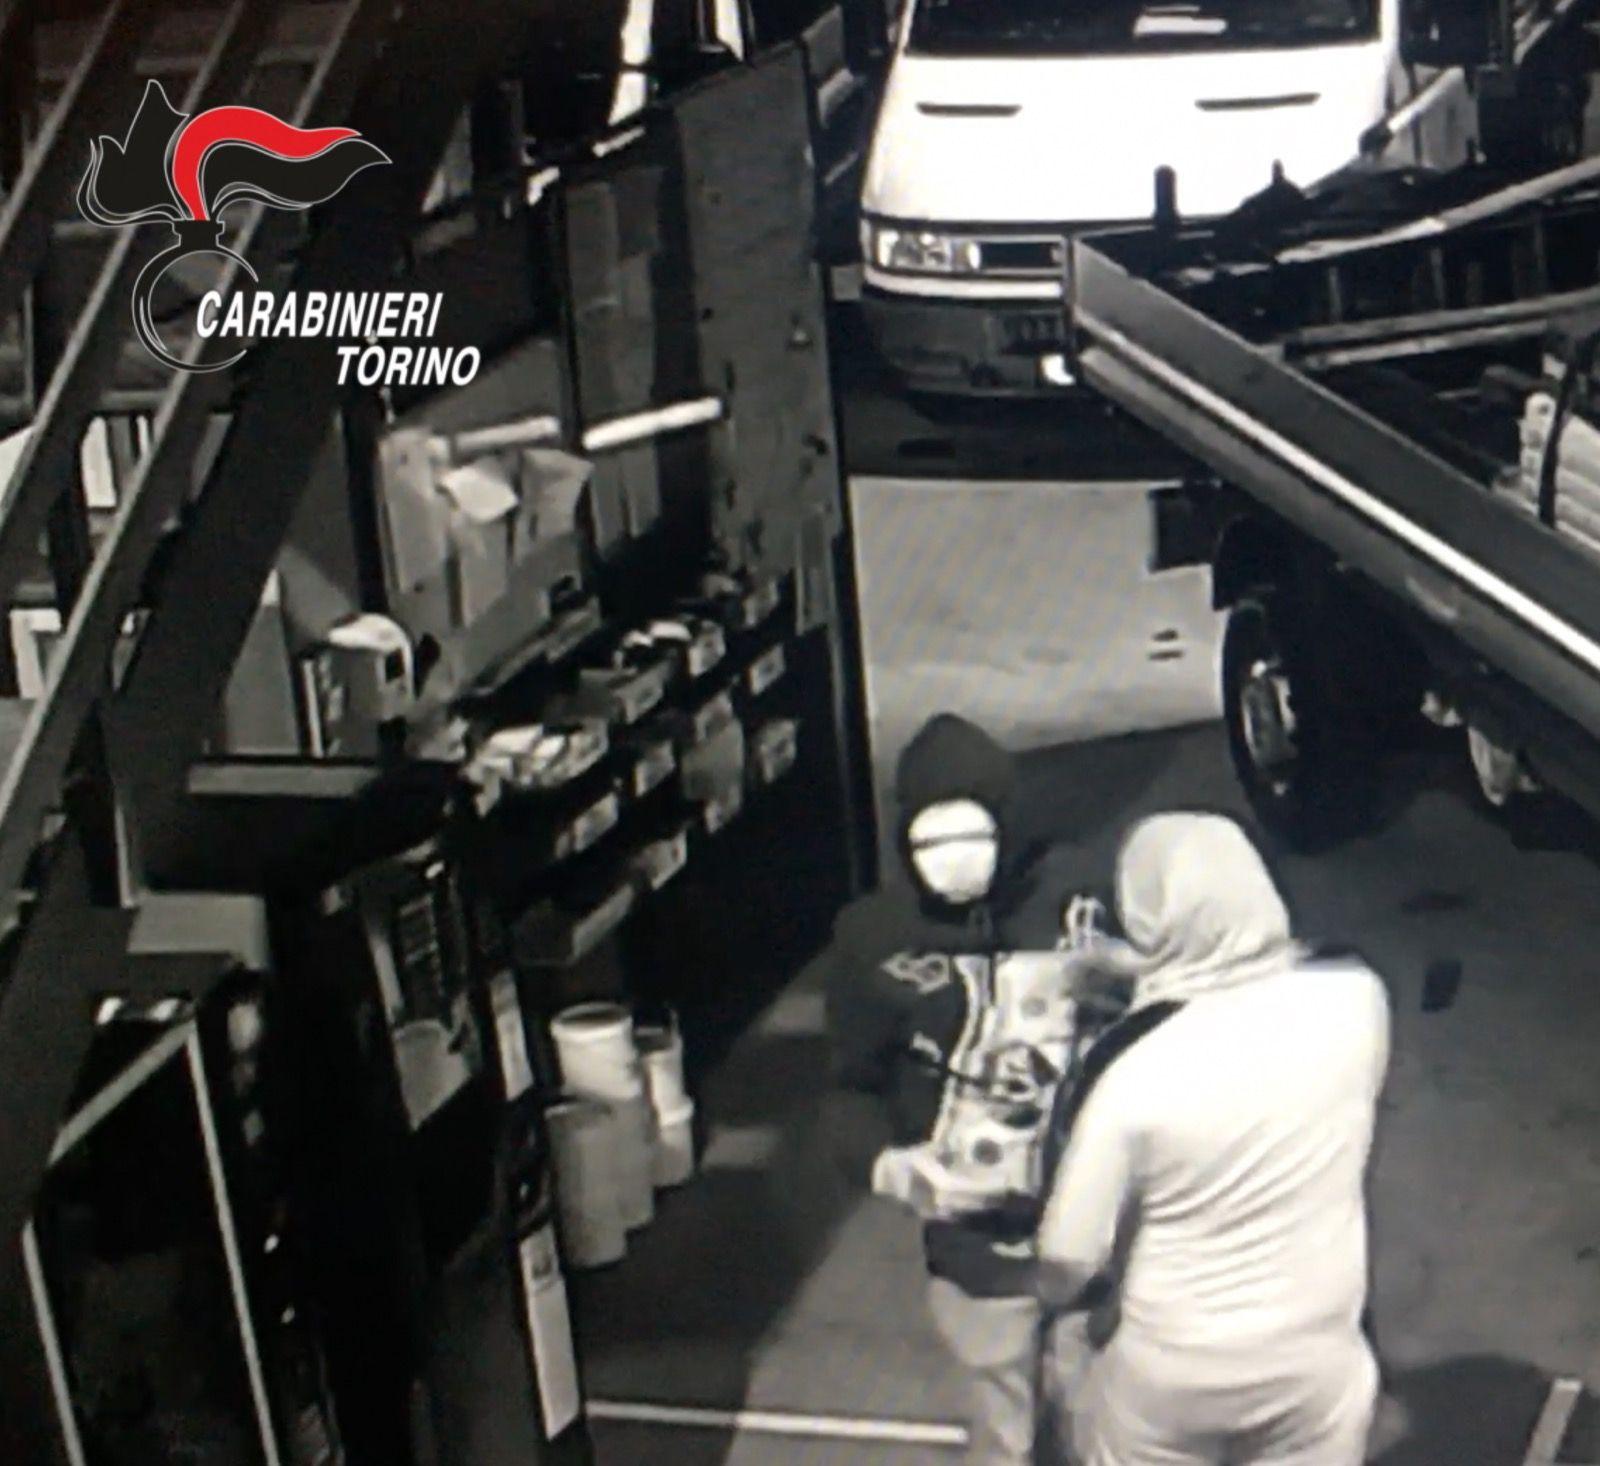 CRONACA - Operazione dei carabinieri in tutta la provincia: incastrata la banda degli assalti ai tir